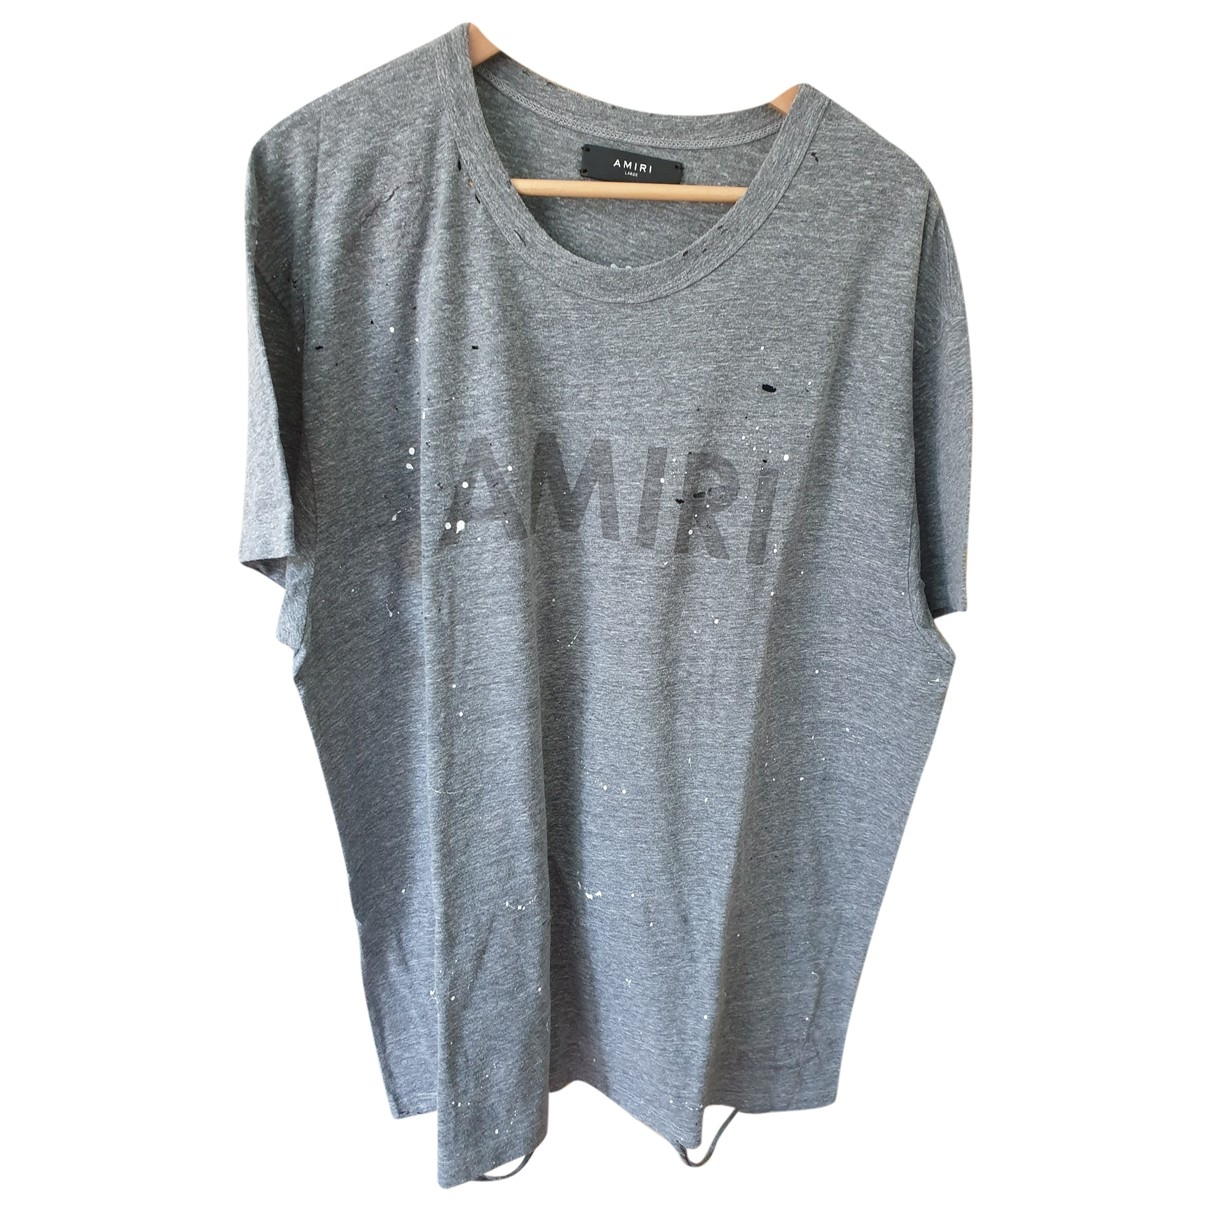 Amiri - Tee shirts   pour homme en coton - gris